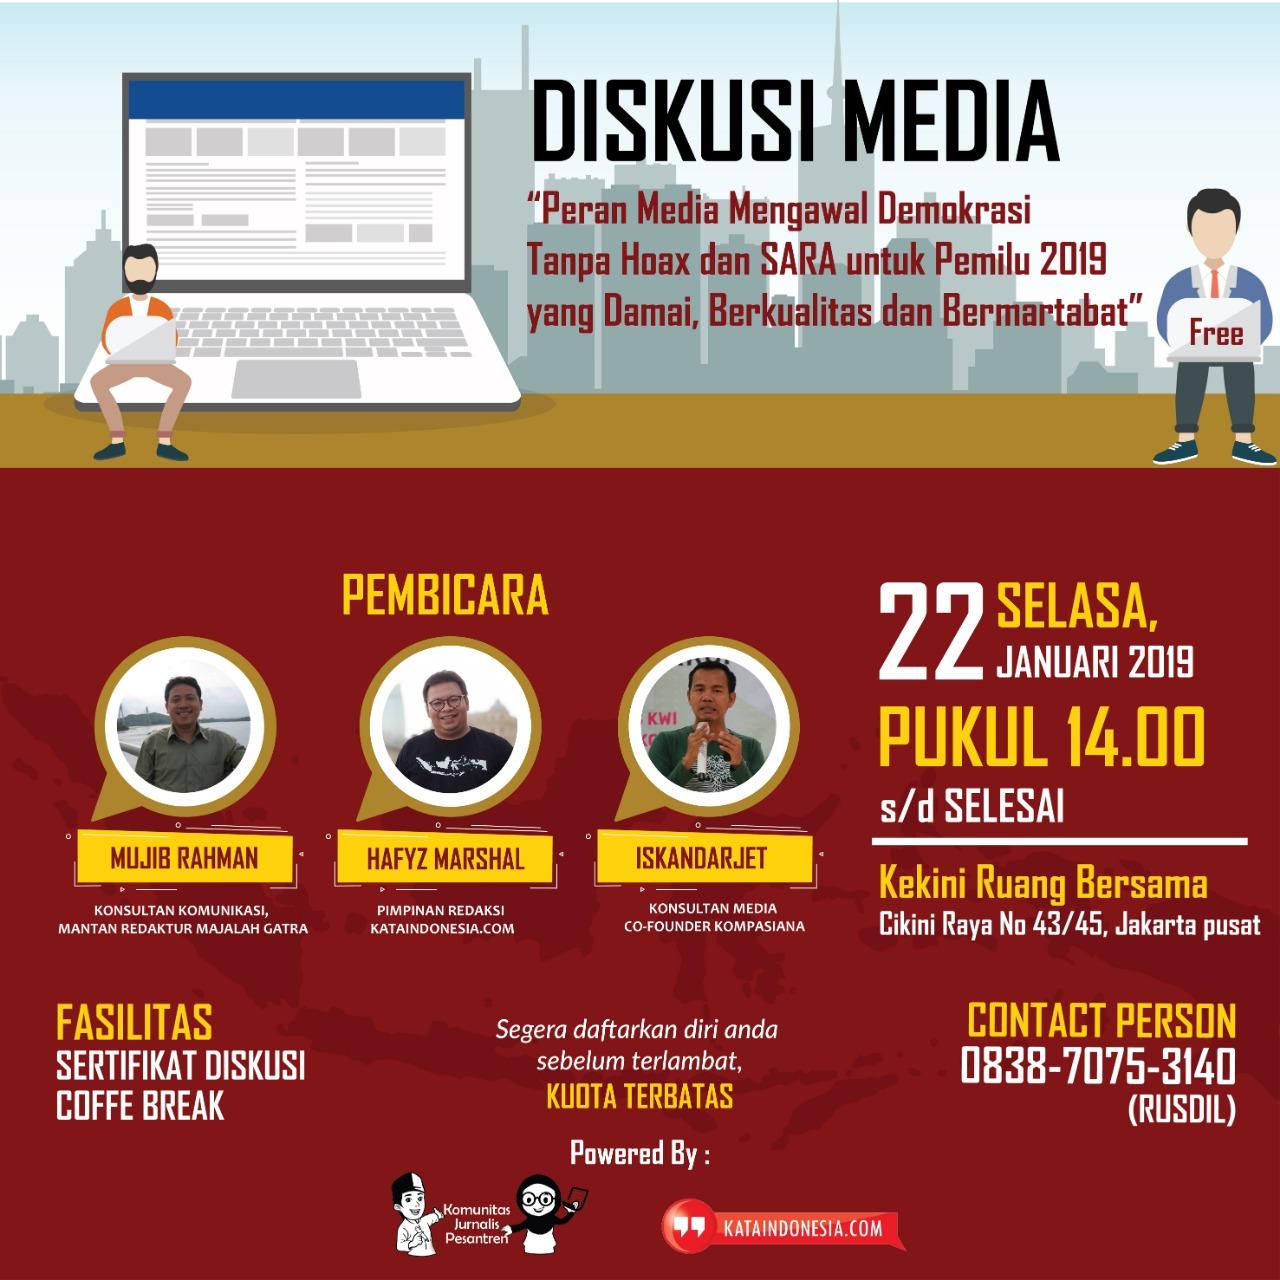 Komunitas Jurnalis Pesantren Akan Selenggarakan Seminar Literasi Media Dan Deklarasi Pemilu Damai dan Anti Hoax di Cikini Jakarta Pusat